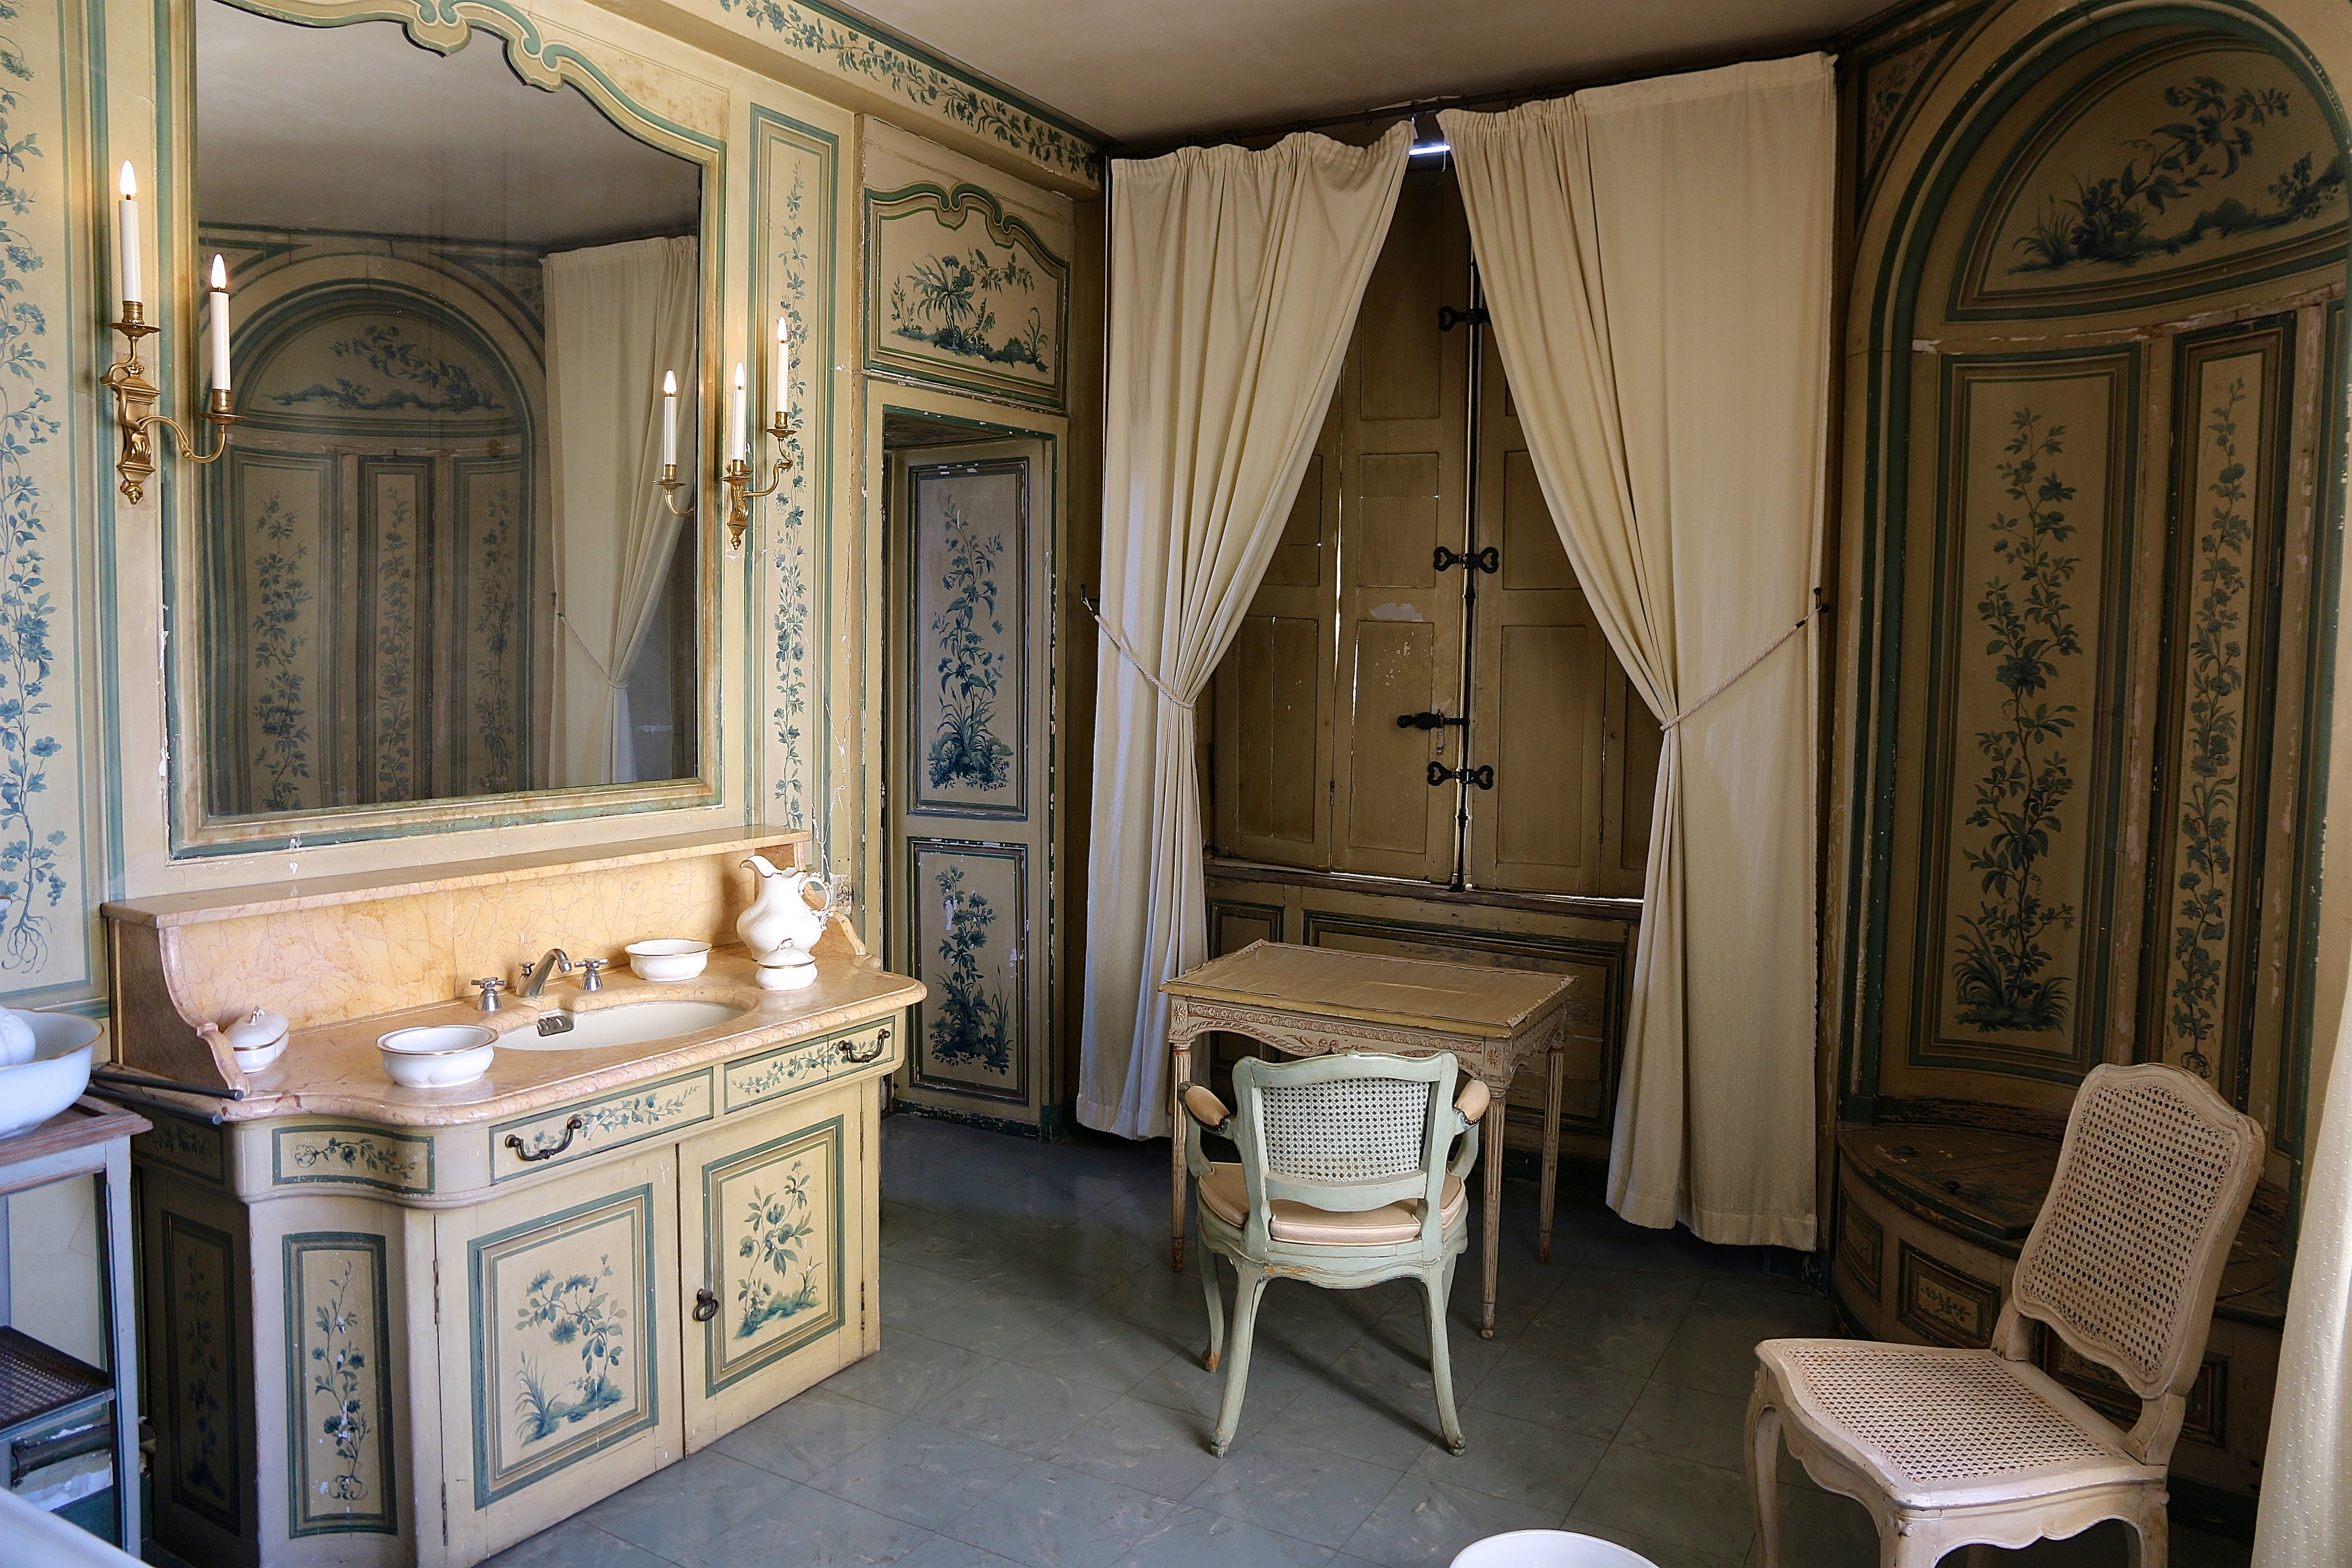 la salle de bains de Madame